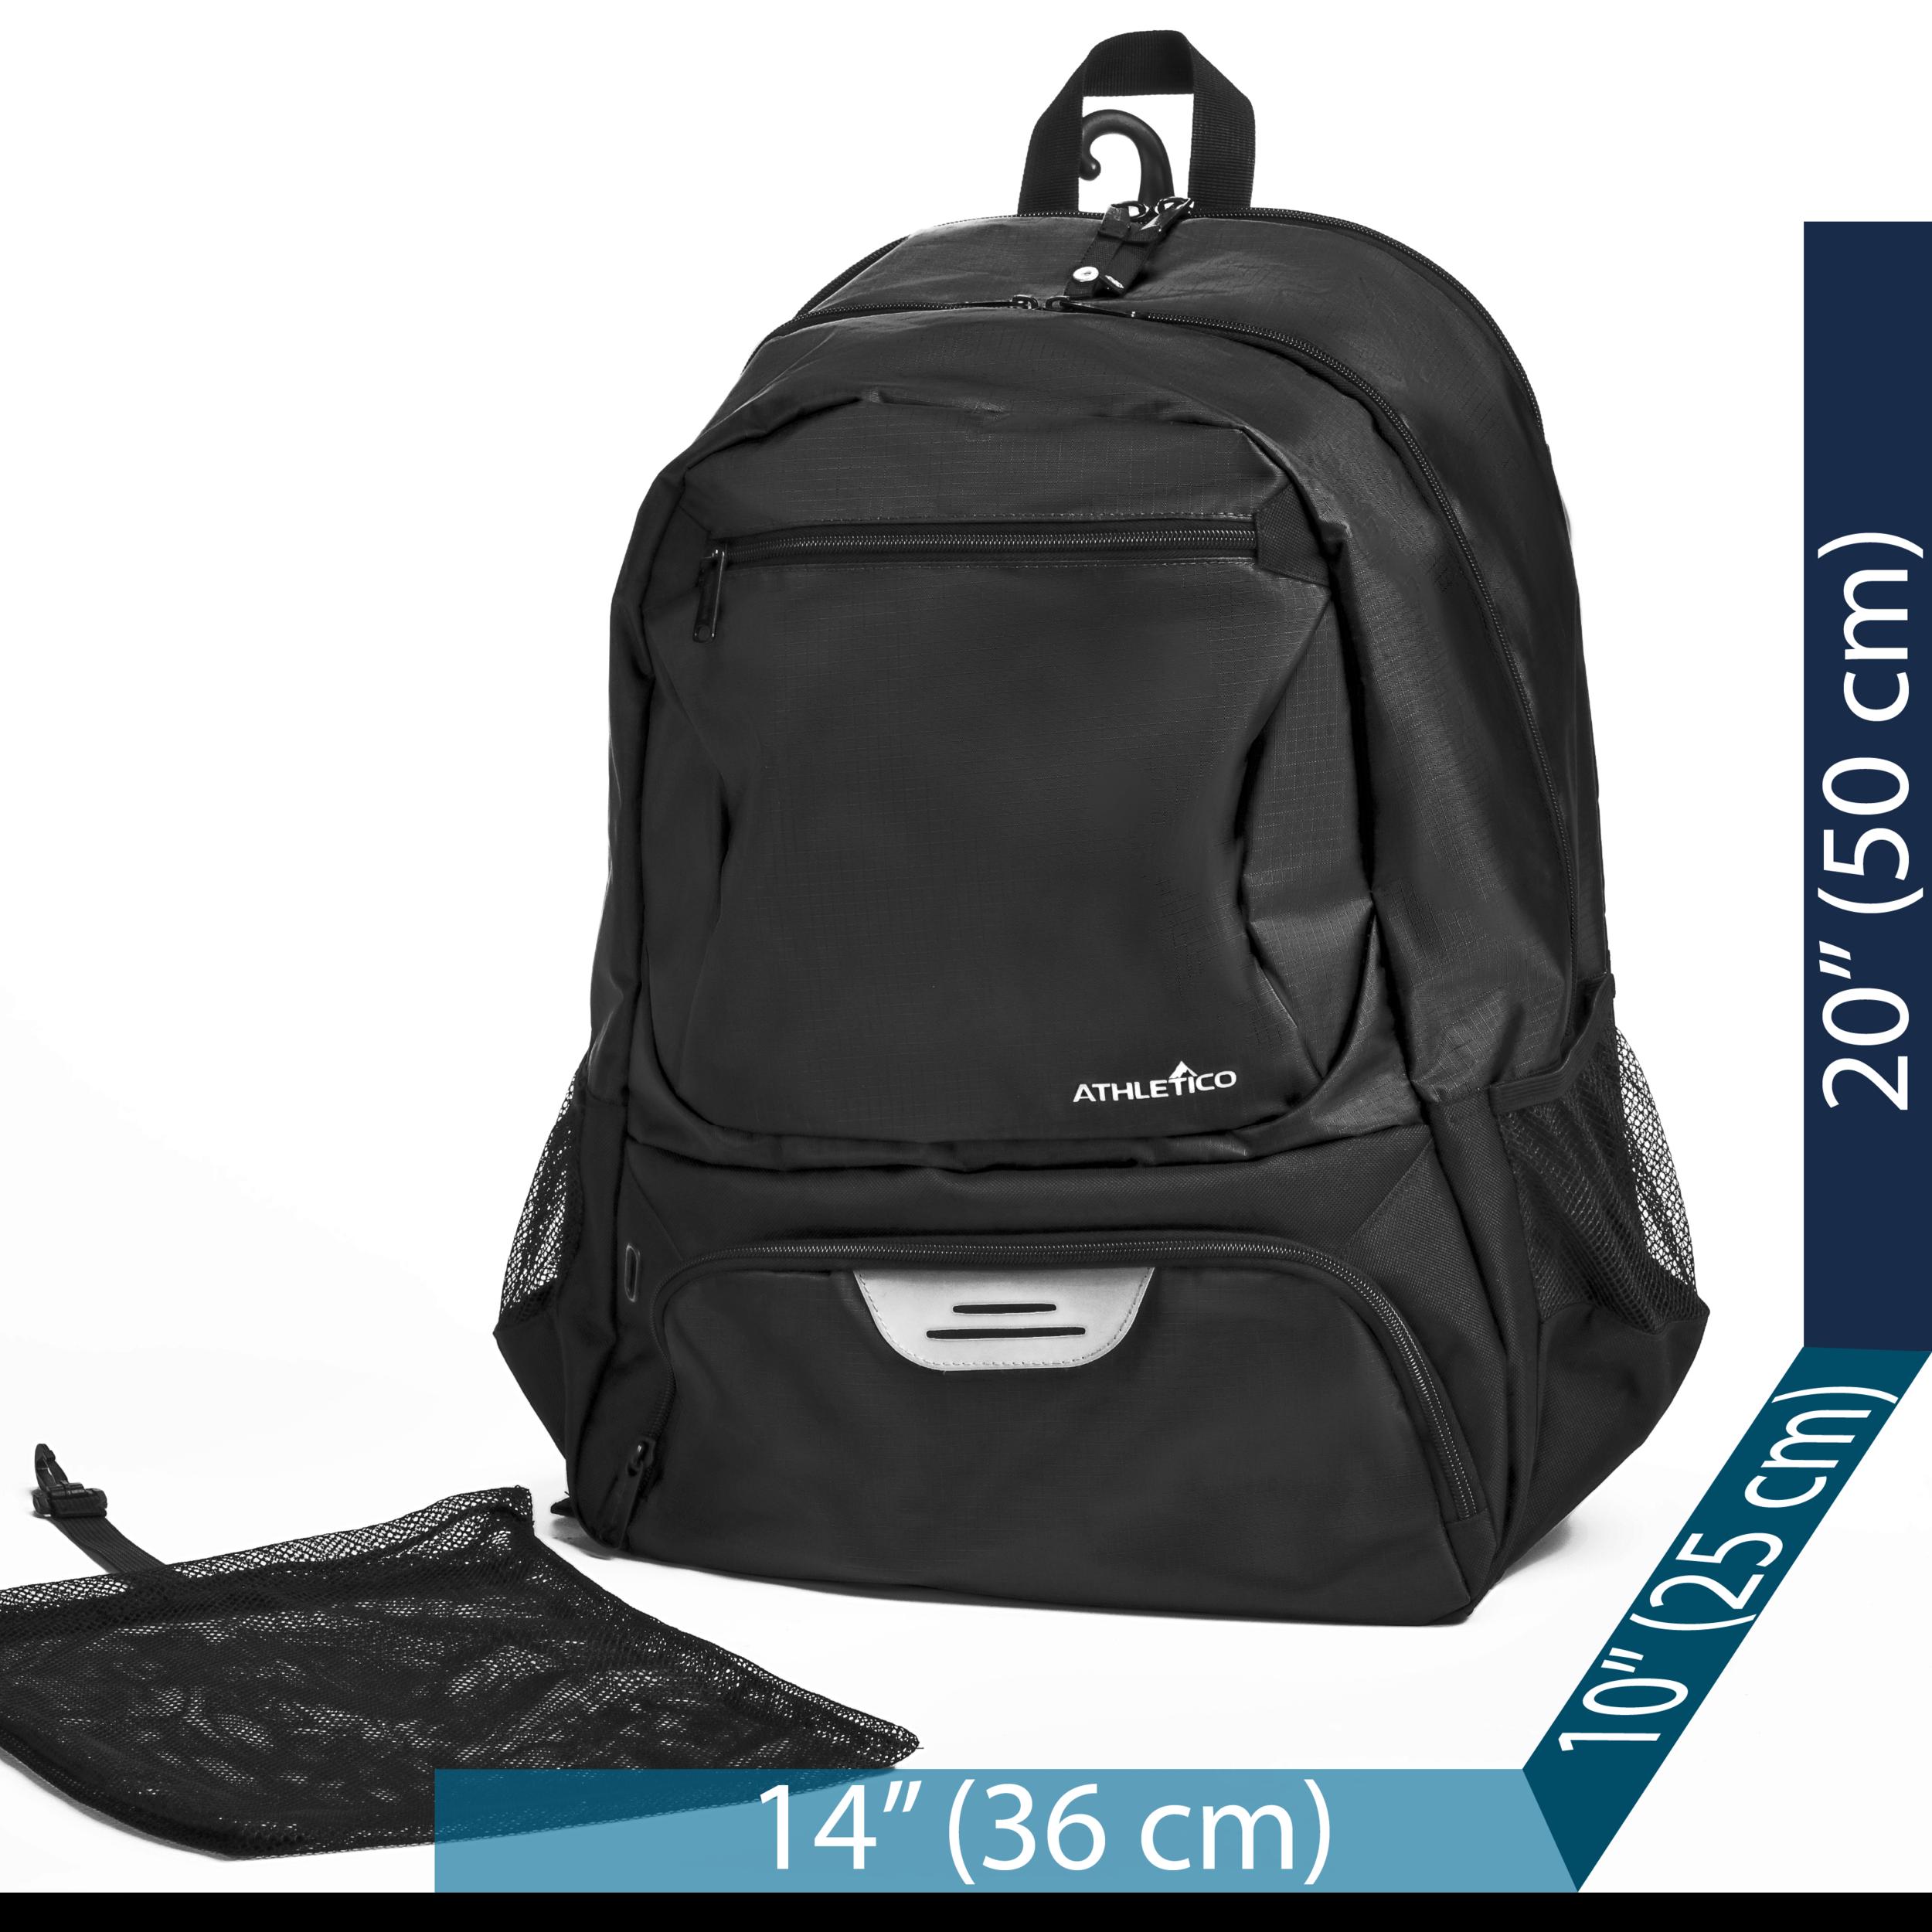 Premier Tennis Backpack Listing - Blk7.png